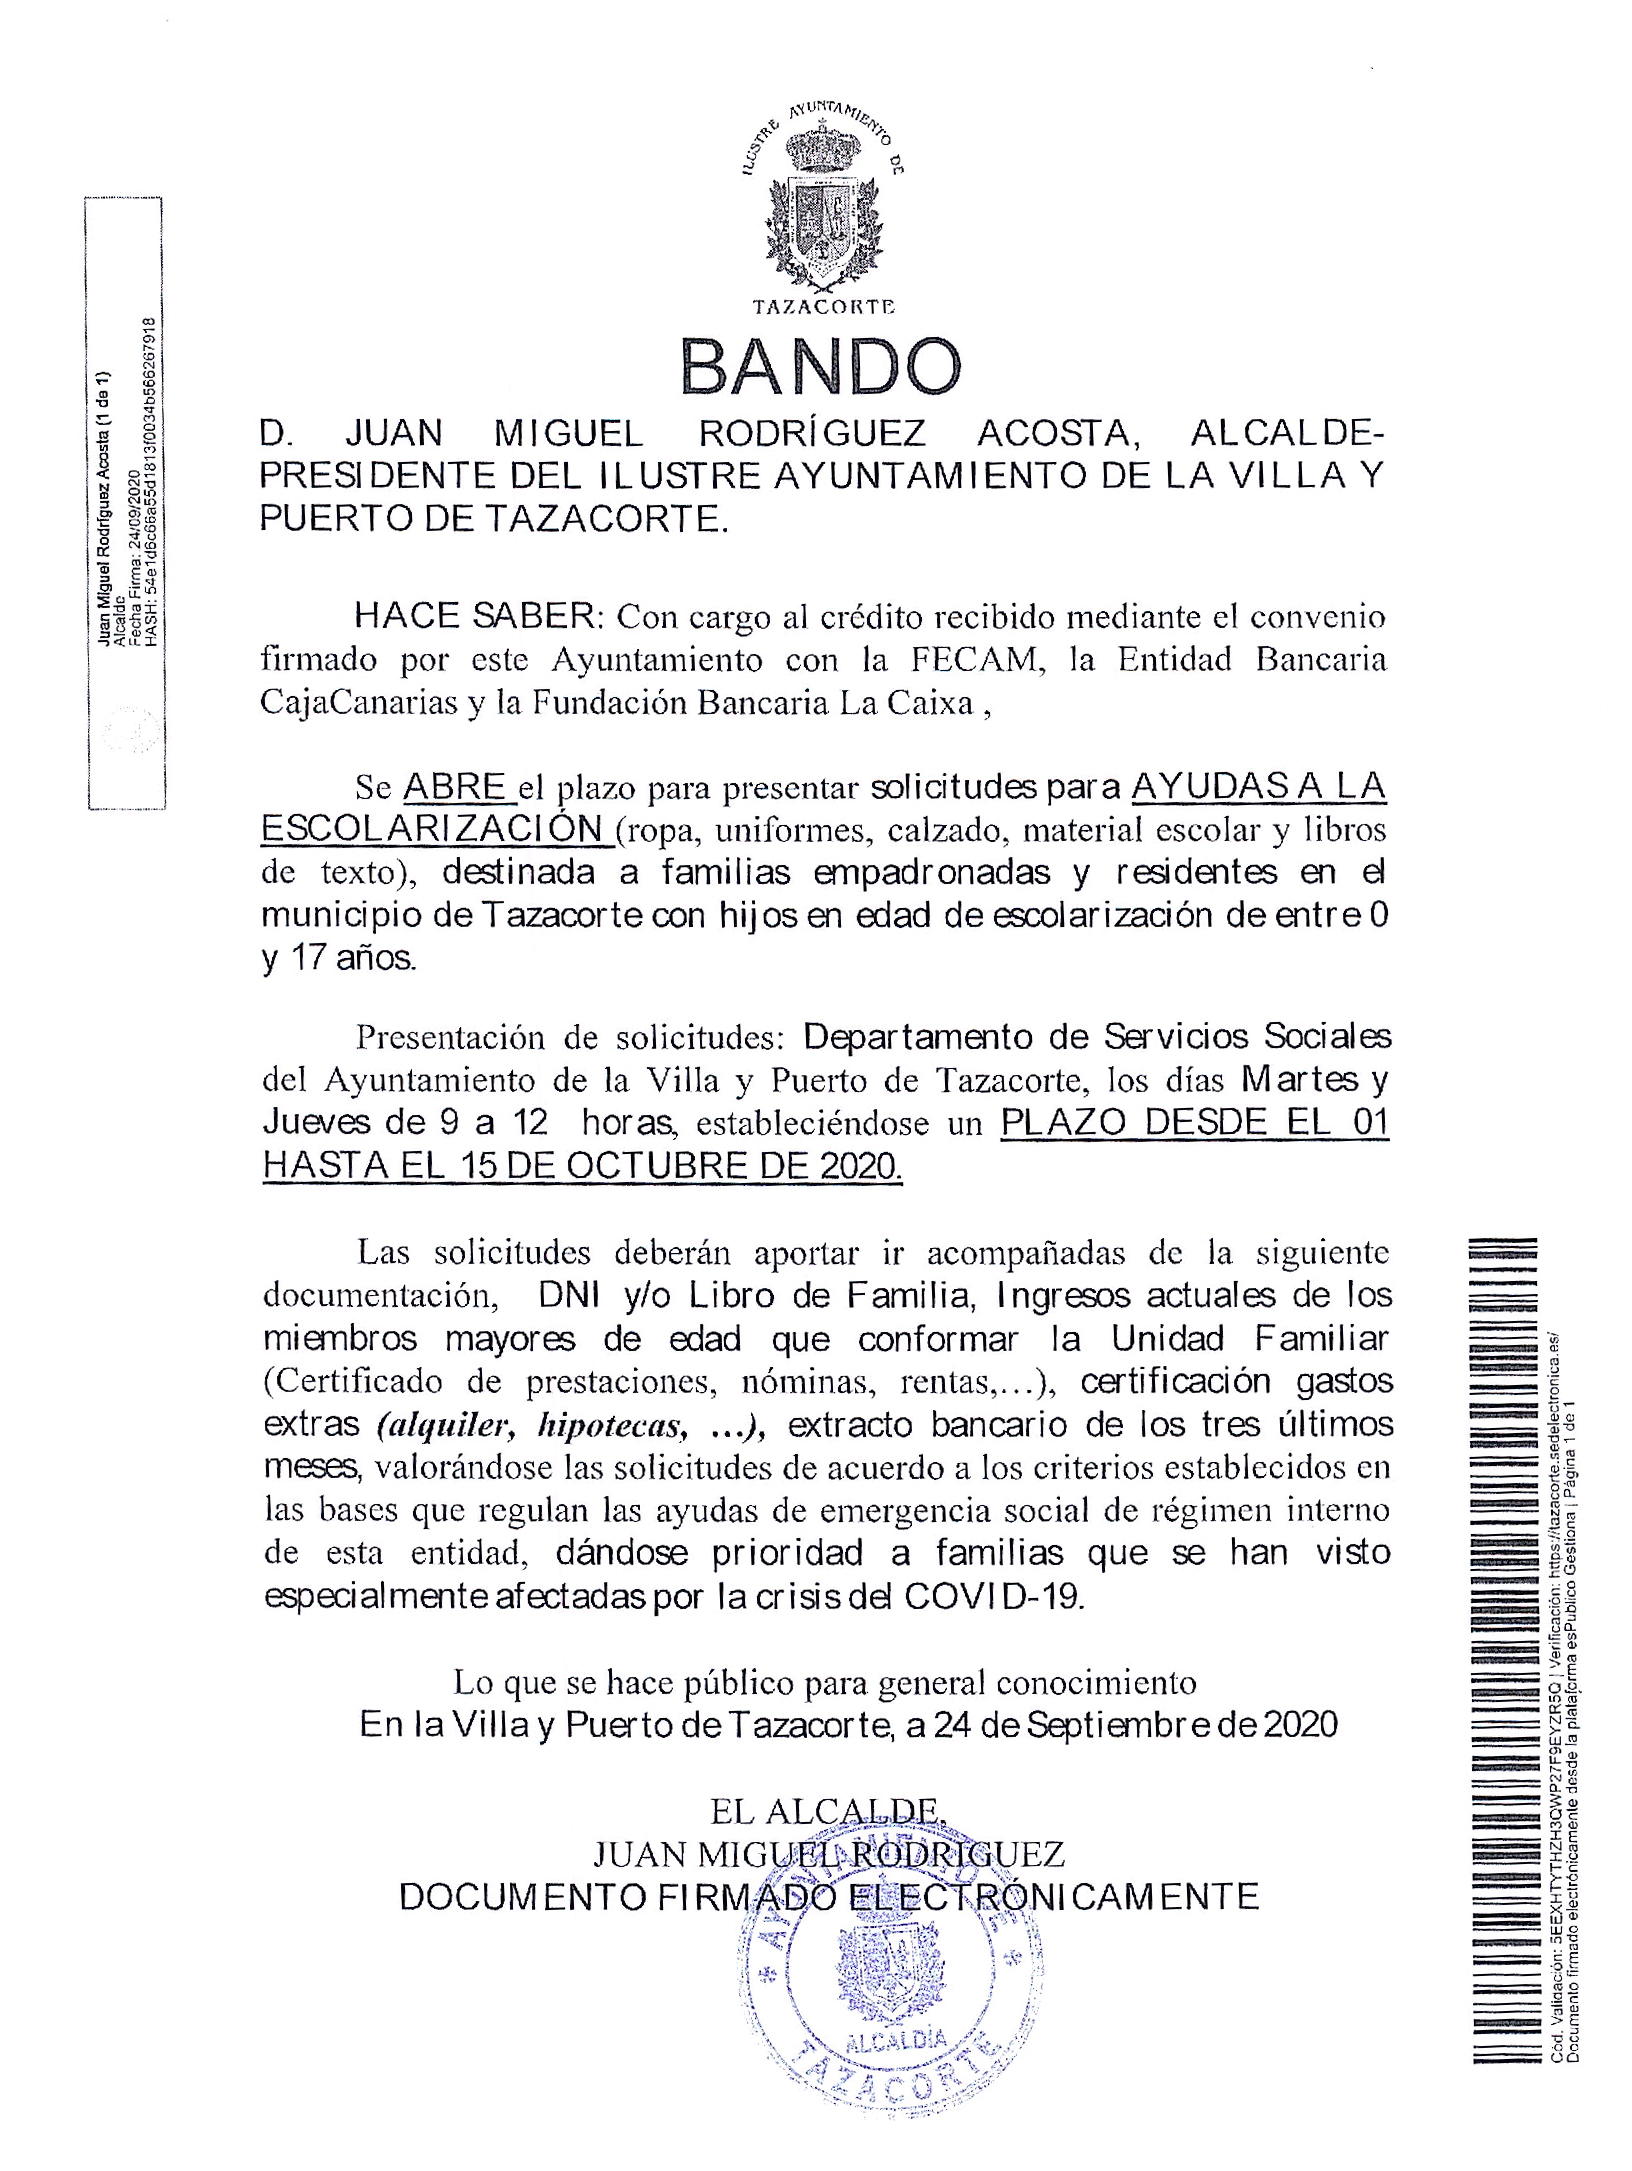 BANDO: Ayudas a las escolarización curso 20-21